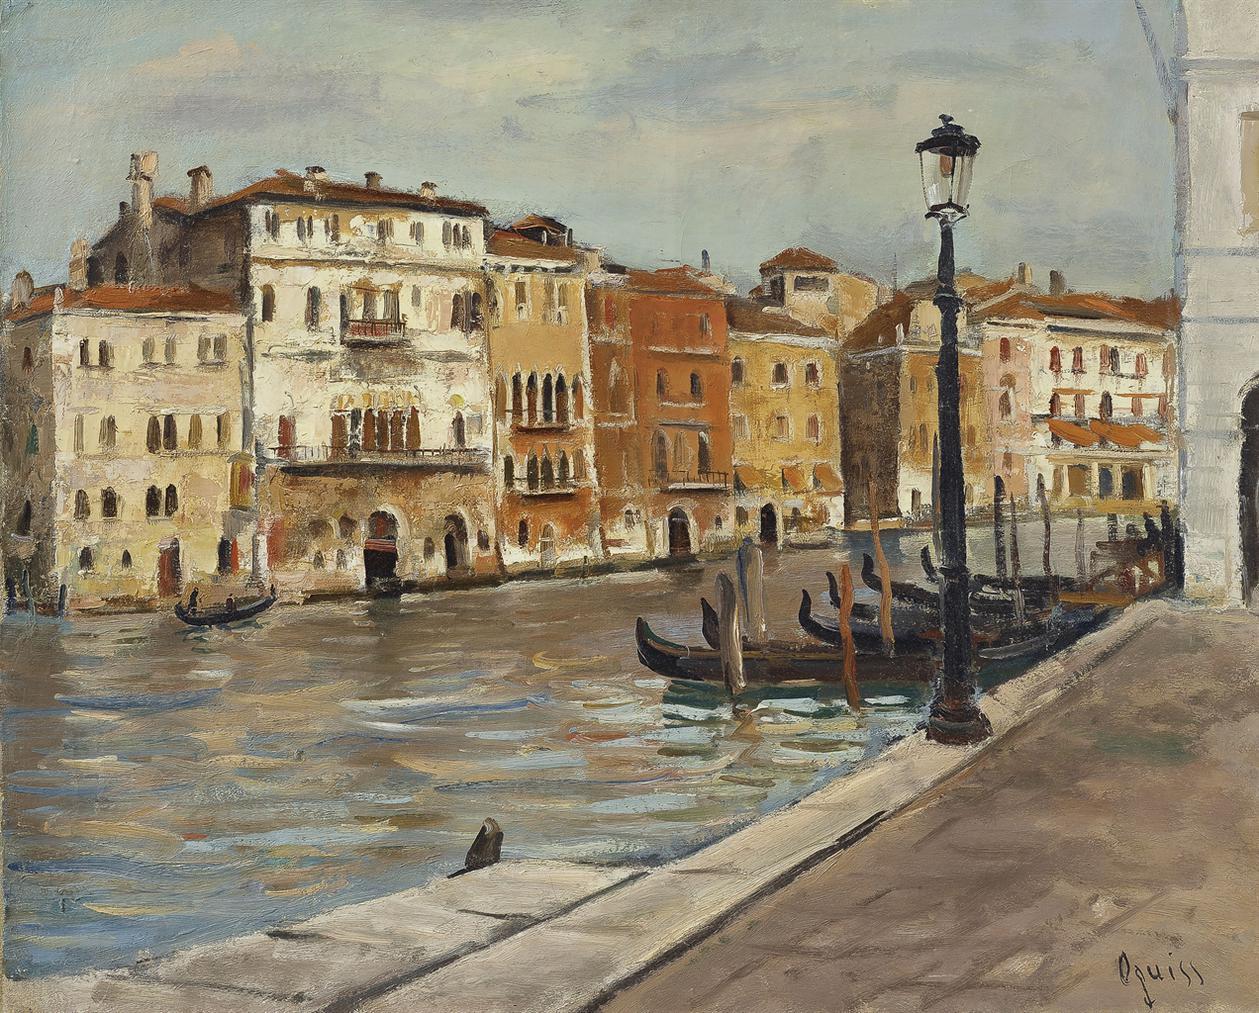 Takanori Oguiss-Venezia, Canal Grande Vicino Alpescheria-1935